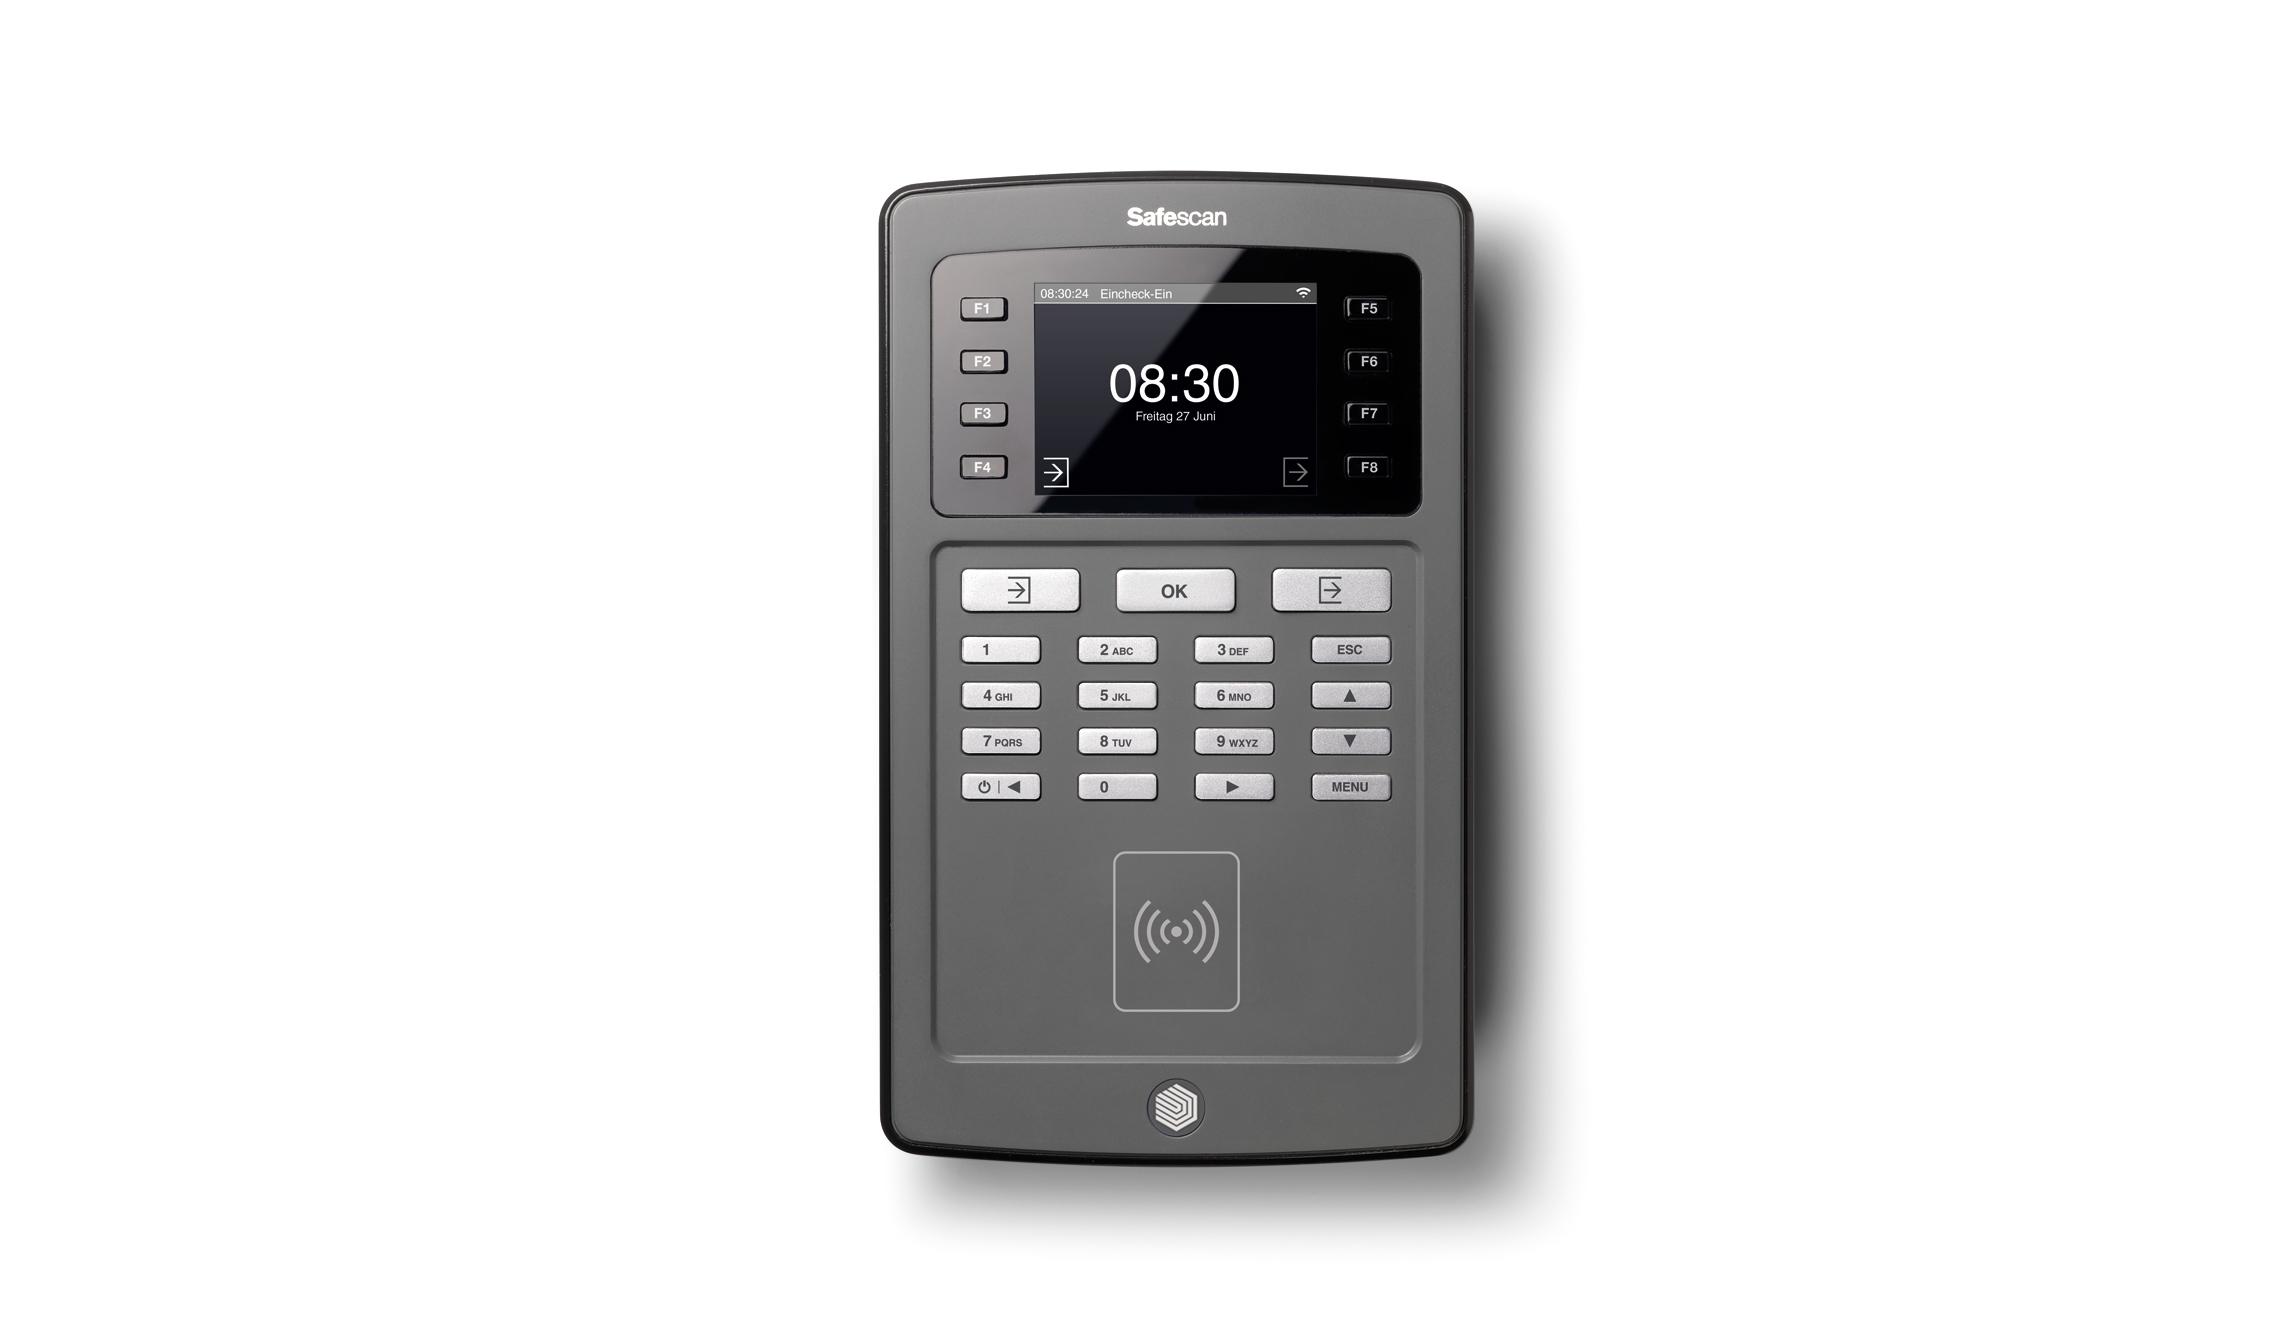 safescan-8015-schwarz-wifi-zeiterfassungssystem